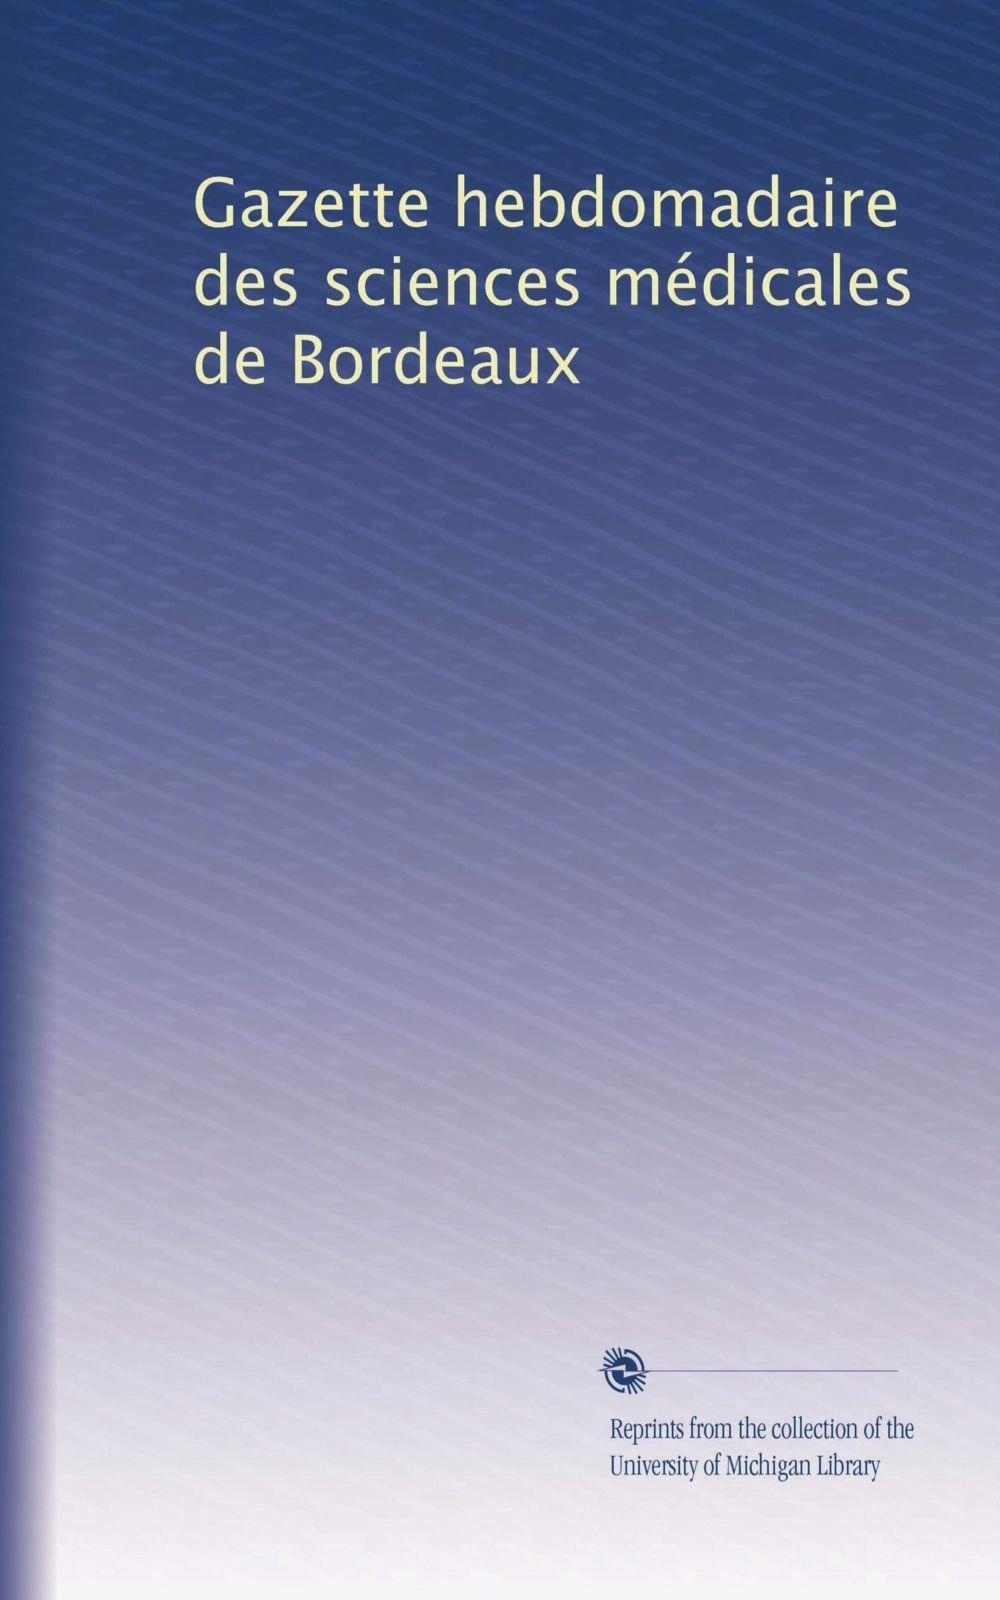 Gazette hebdomadaire des sciences médicales de Bordeaux (Volume 7) (French Edition) pdf